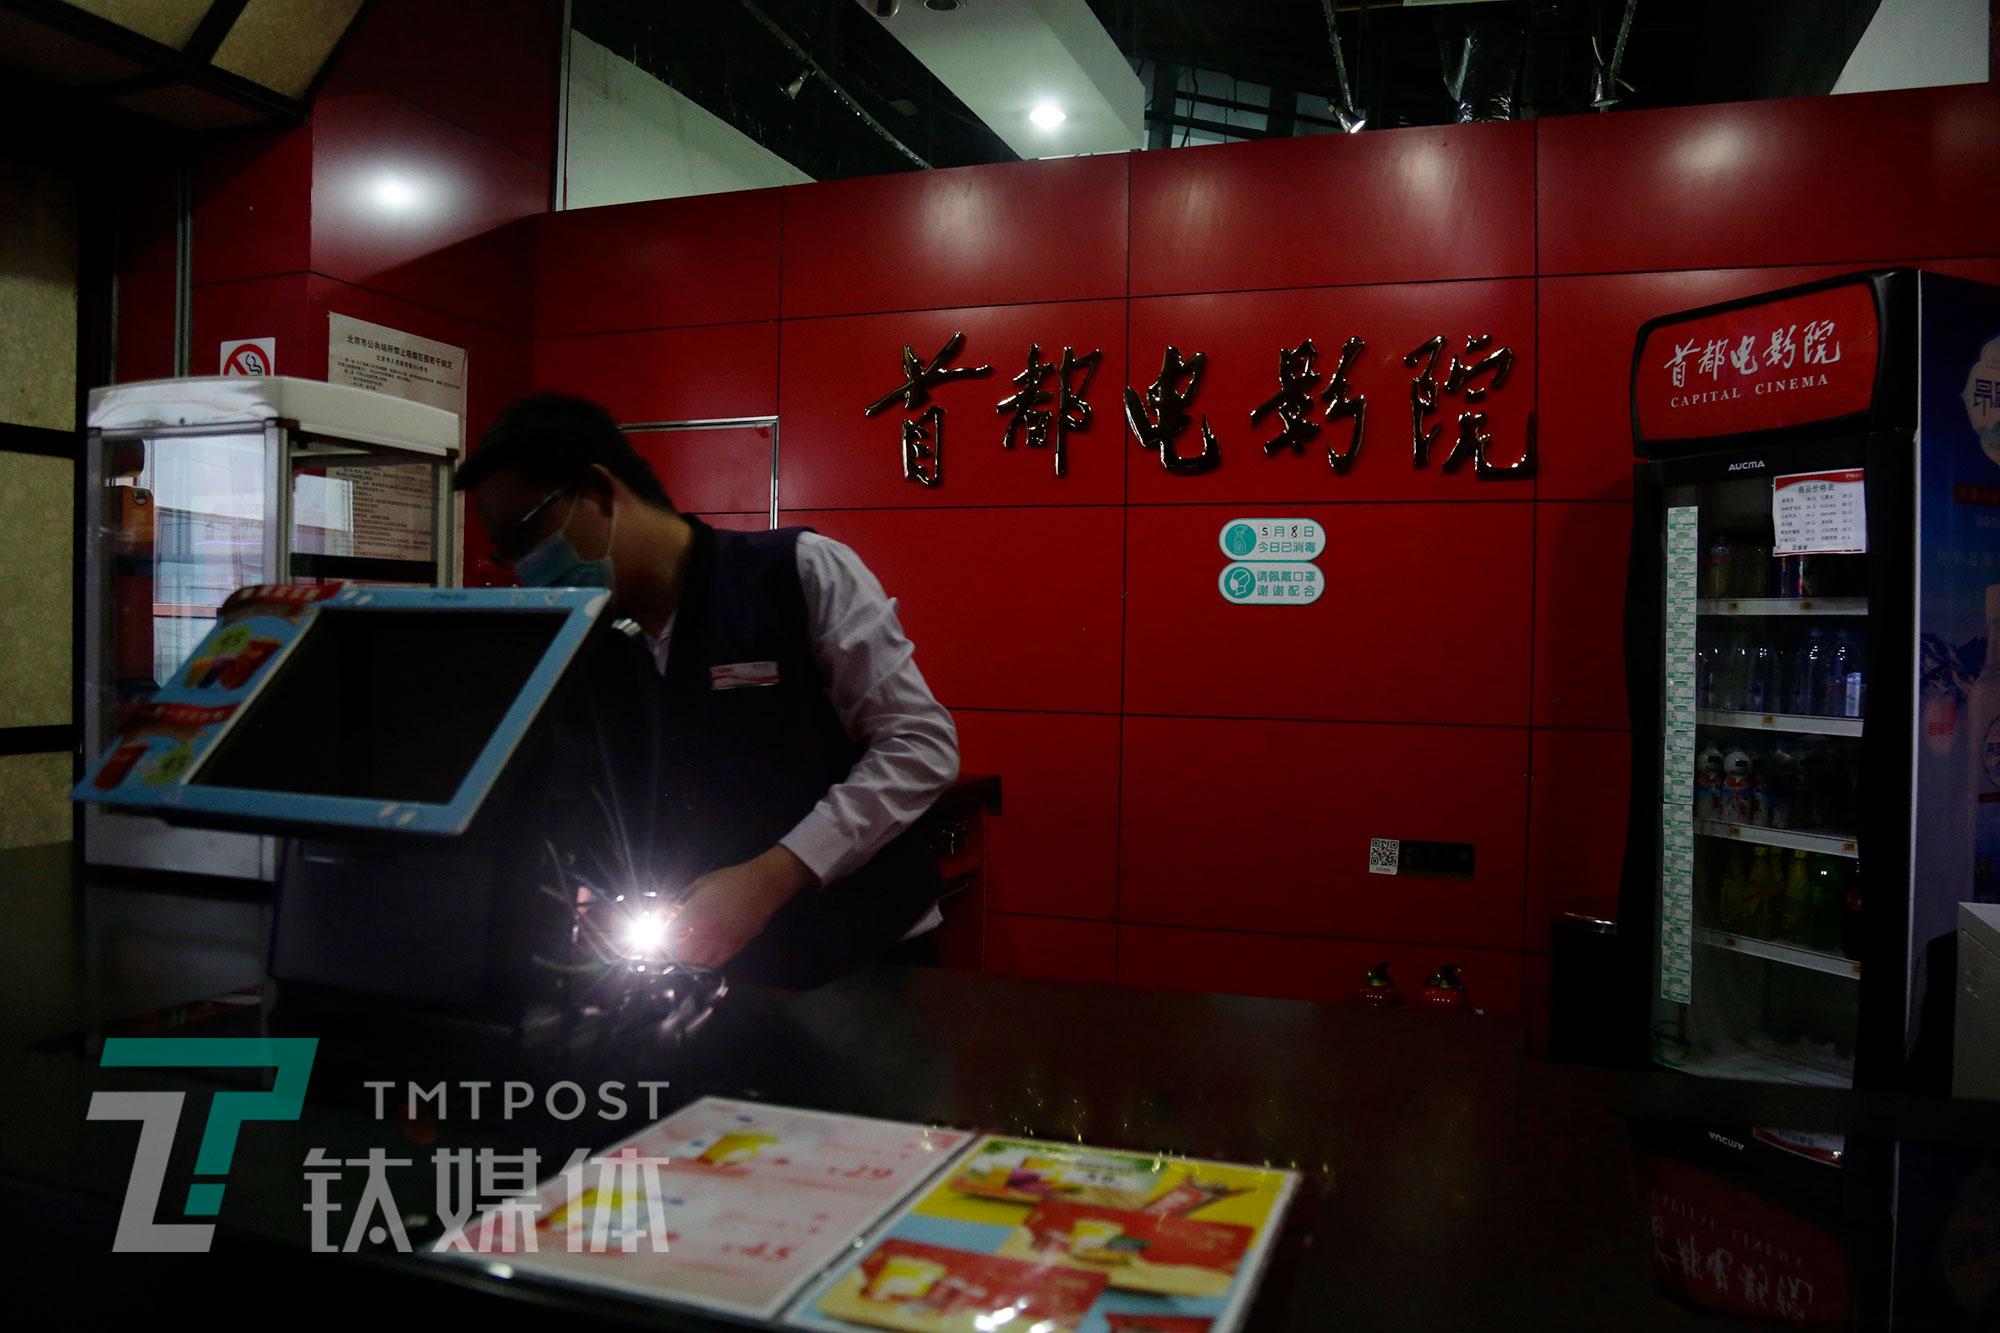 5月8日,北京,首都电影院(西单店),工作人员调试售卖机器。